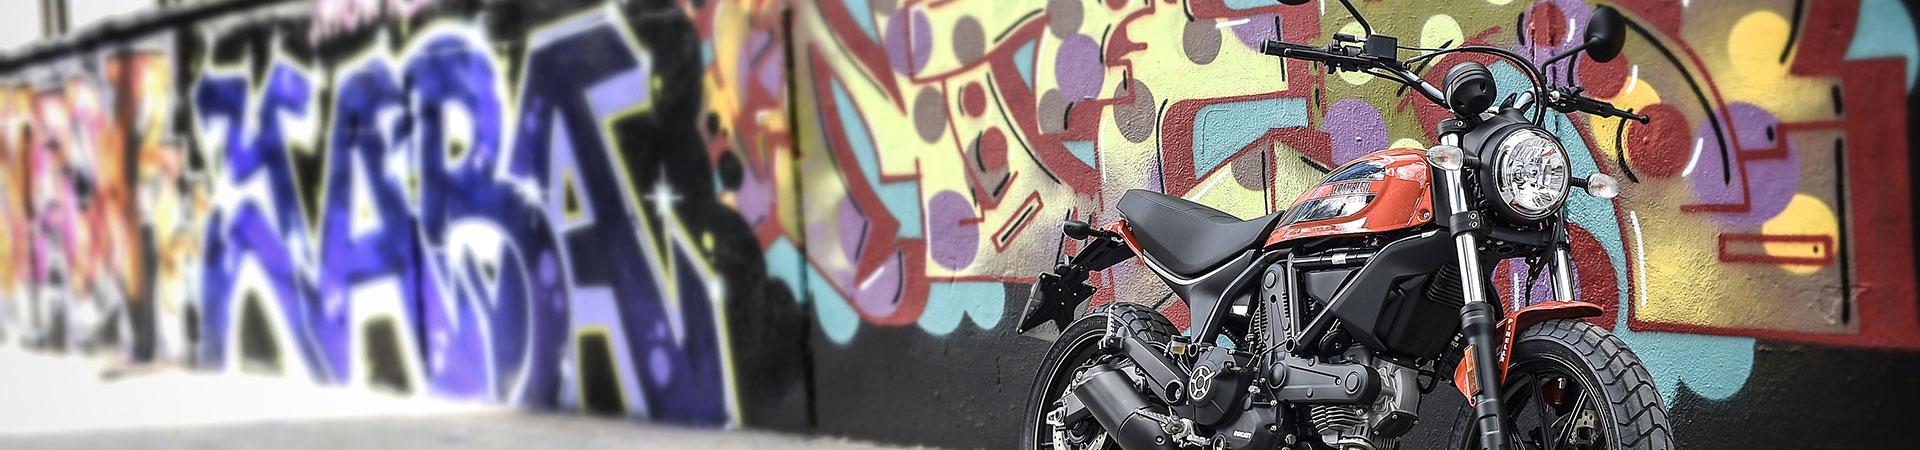 Ducati-Scrambler-Sixty2-Modell-2017